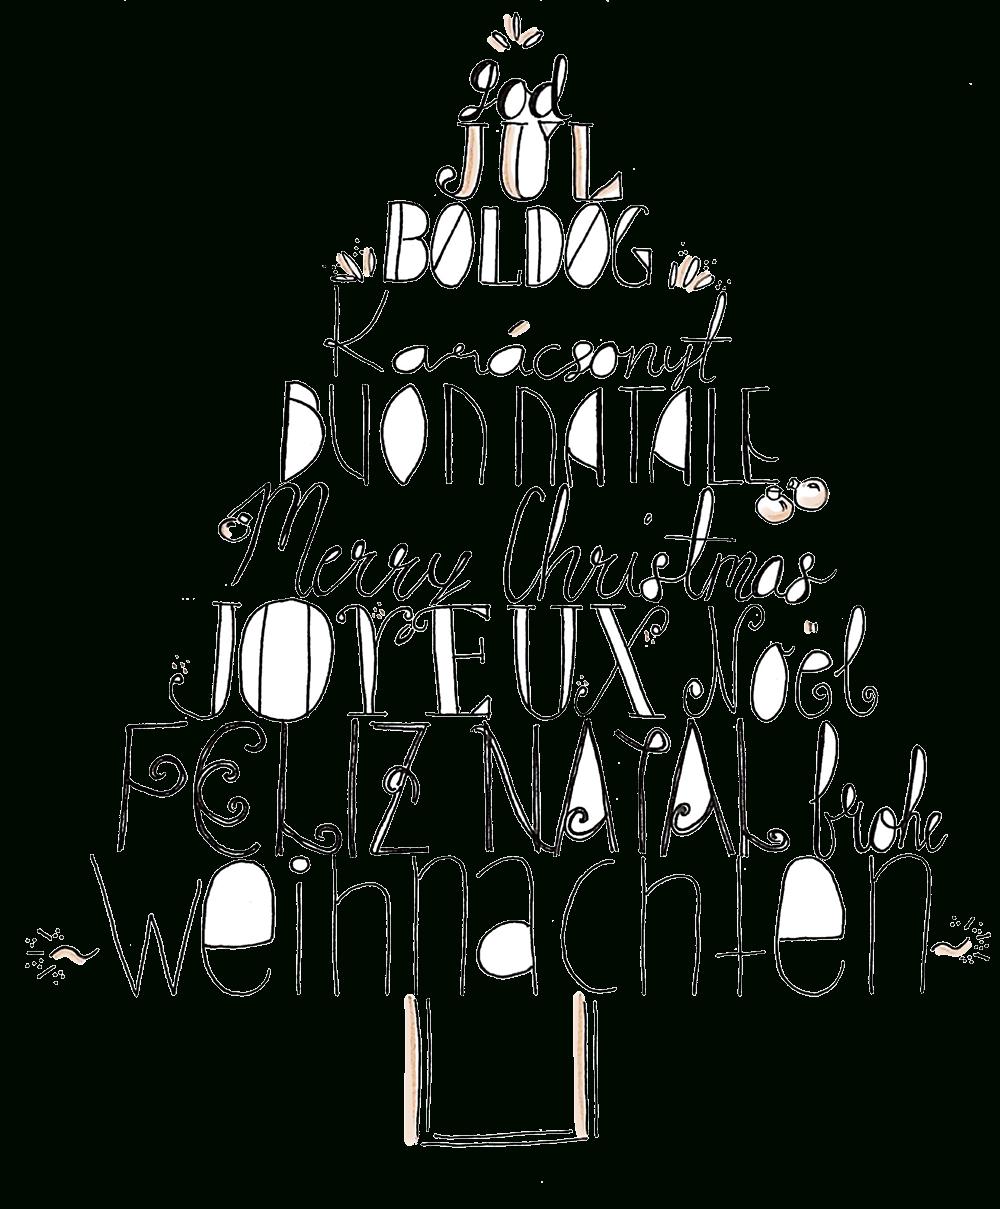 Christmas Special! Get Your Free Christmas Card To Print für Kostenlose Weihnachtskarten Zum Ausdrucken